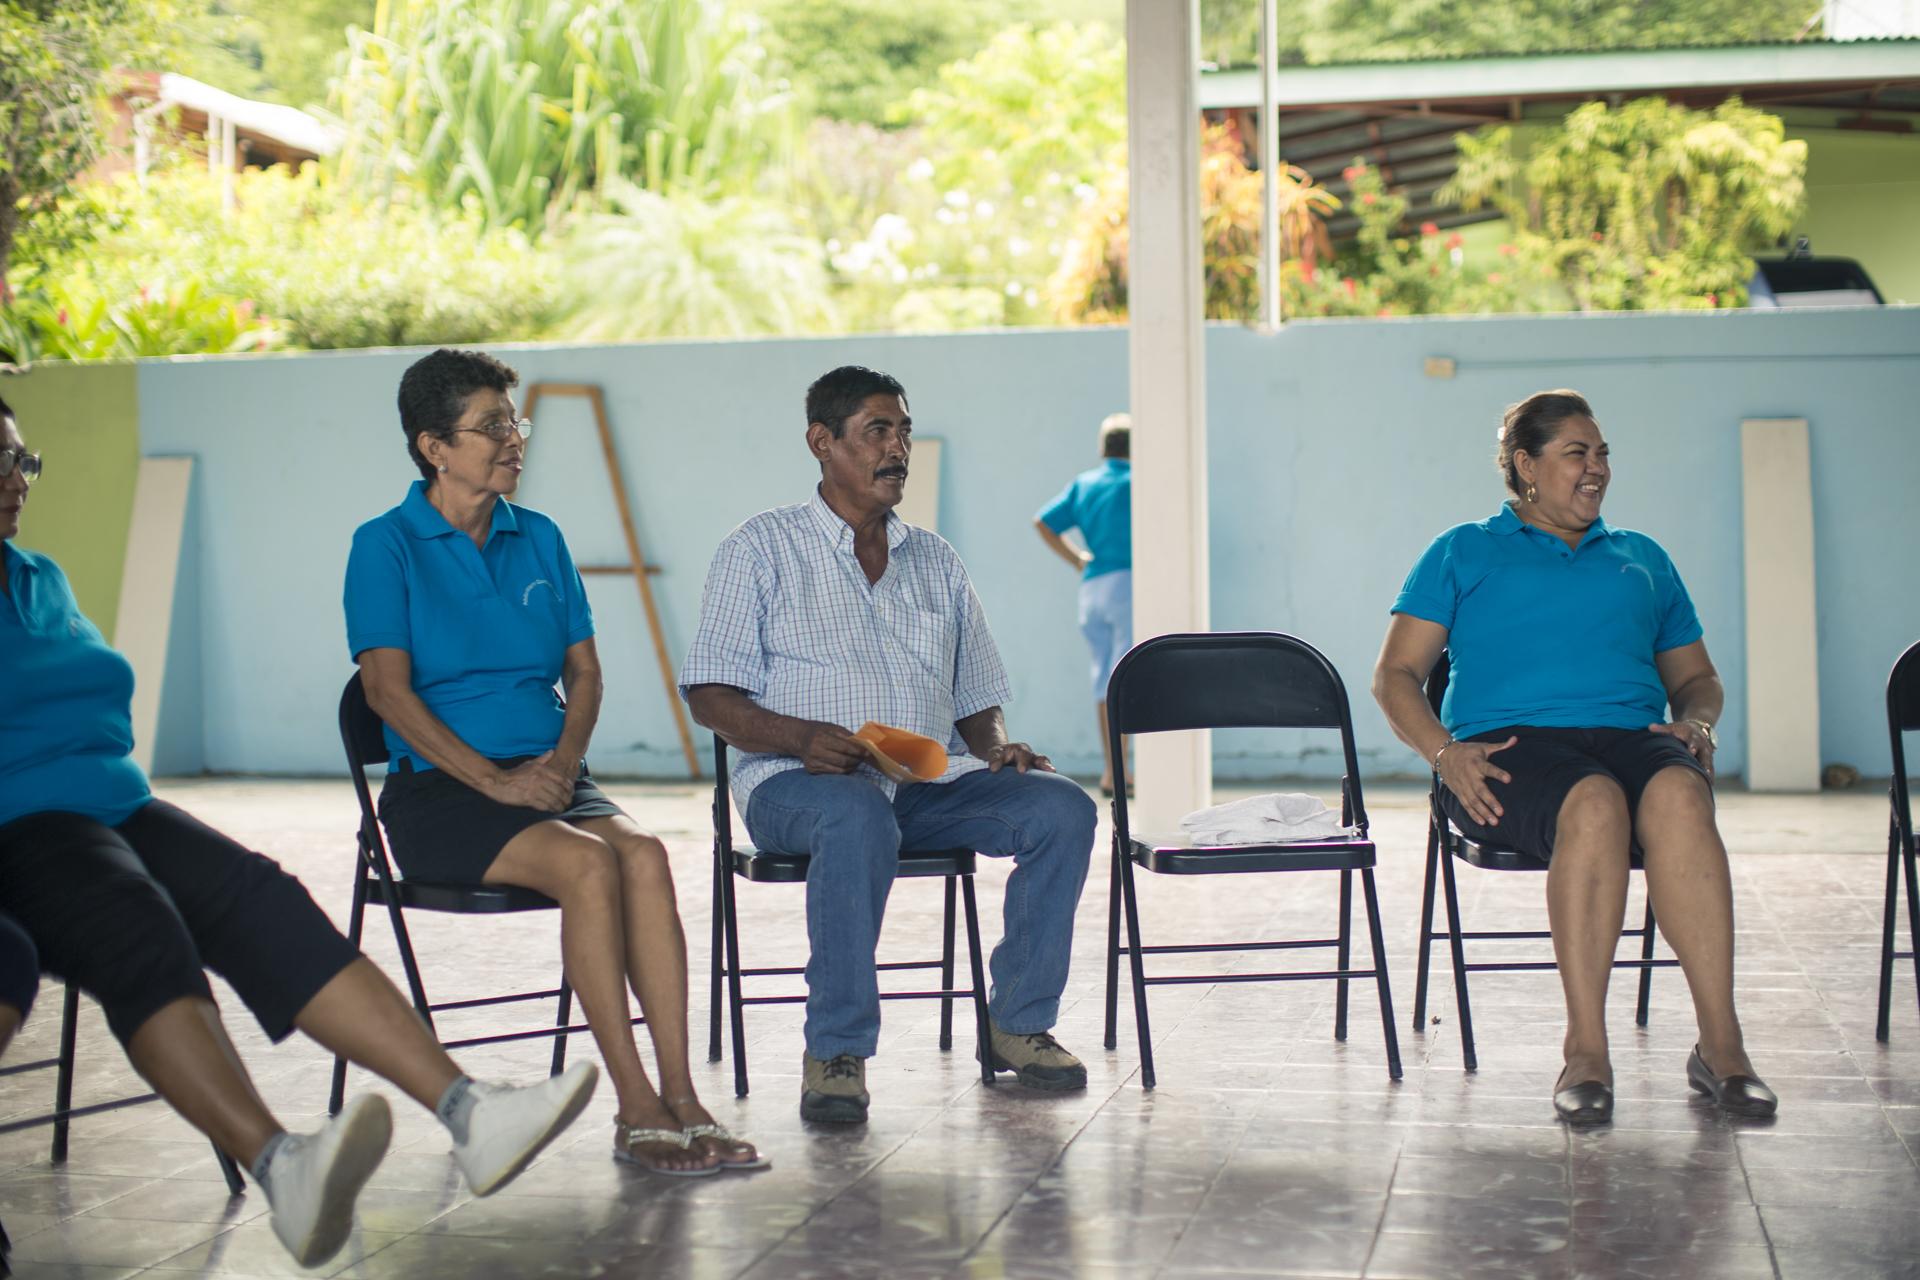 Como presidente de la Asada y grupo de Adultos Mayores de Quebrada Honda, don Donaldo busca siempre el bienestar de su comunidad.